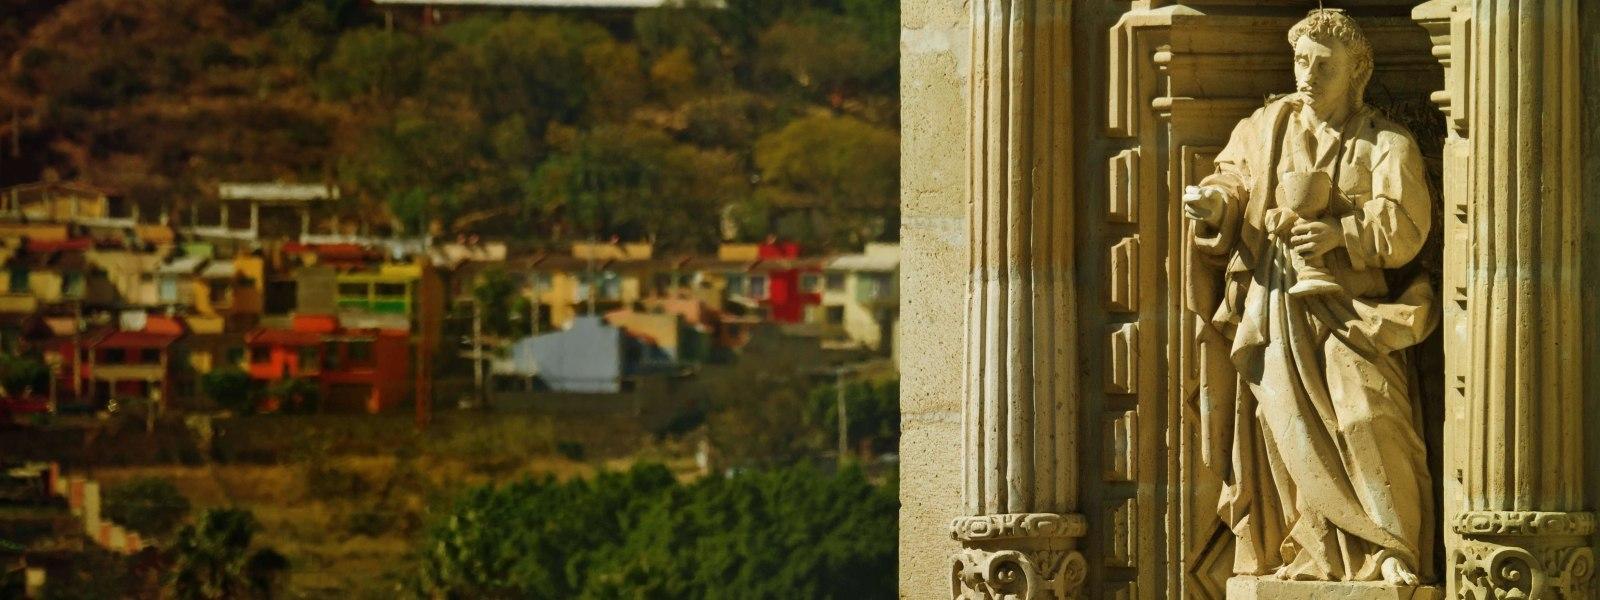 OaxacadeJuarez-Tour-Guide